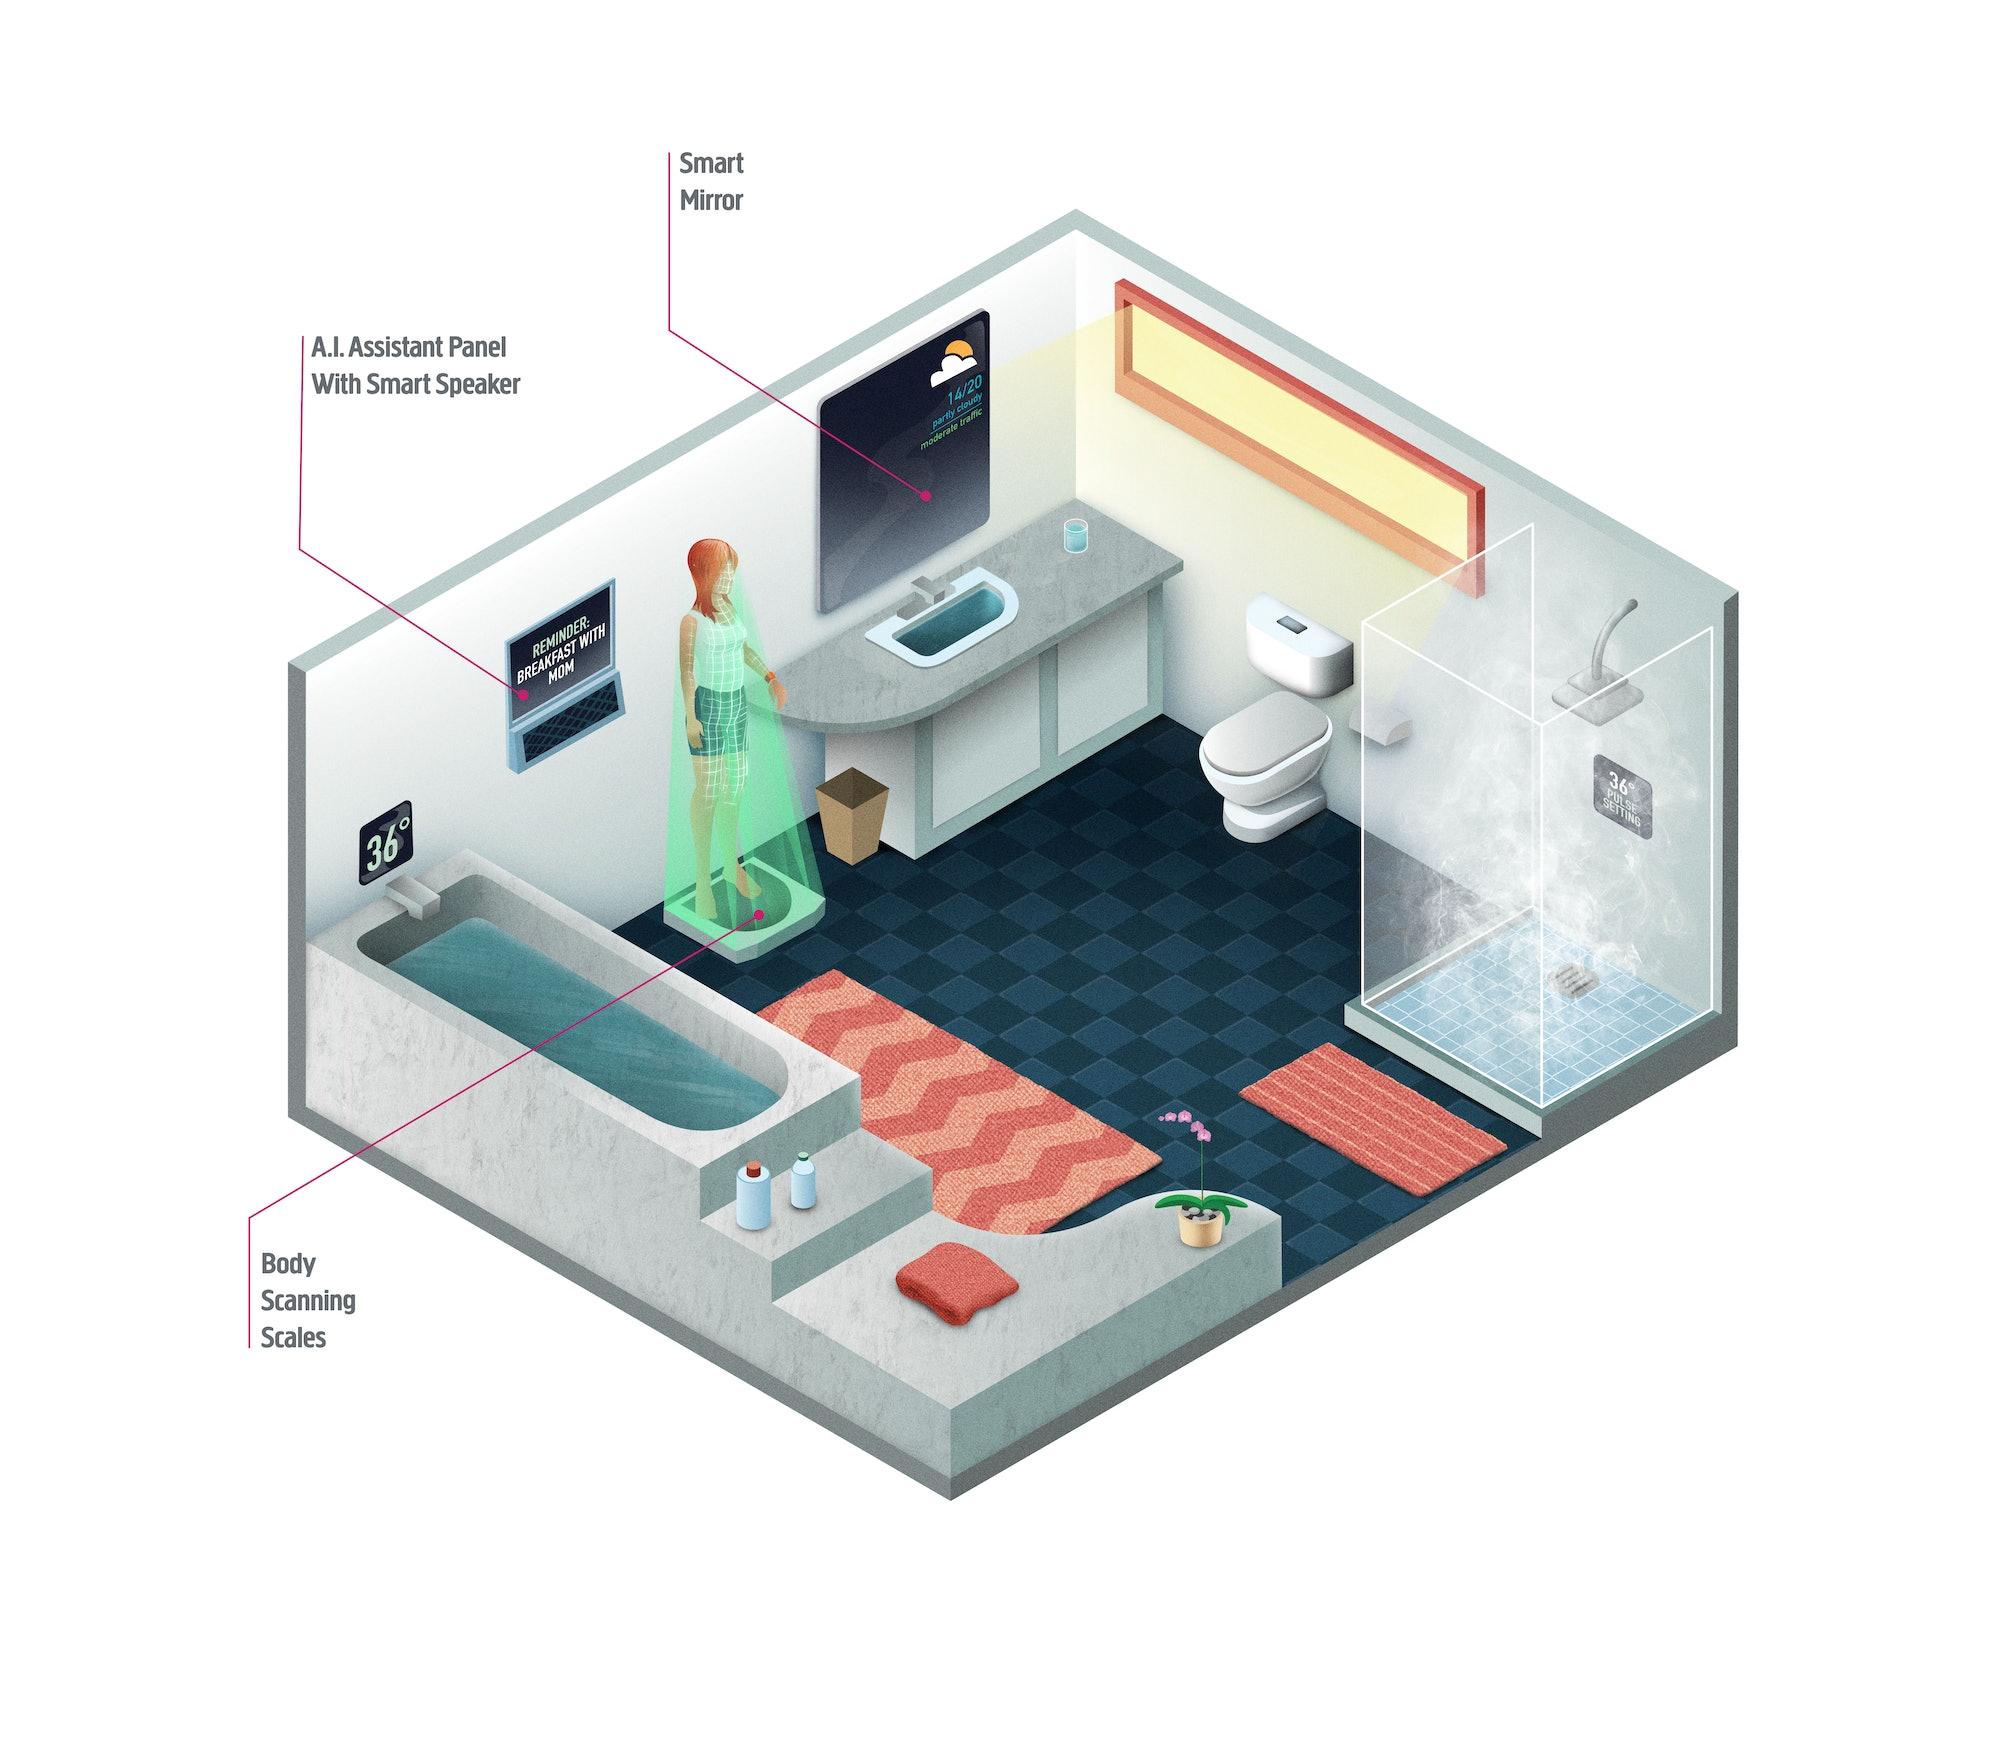 Bathroom of the future.